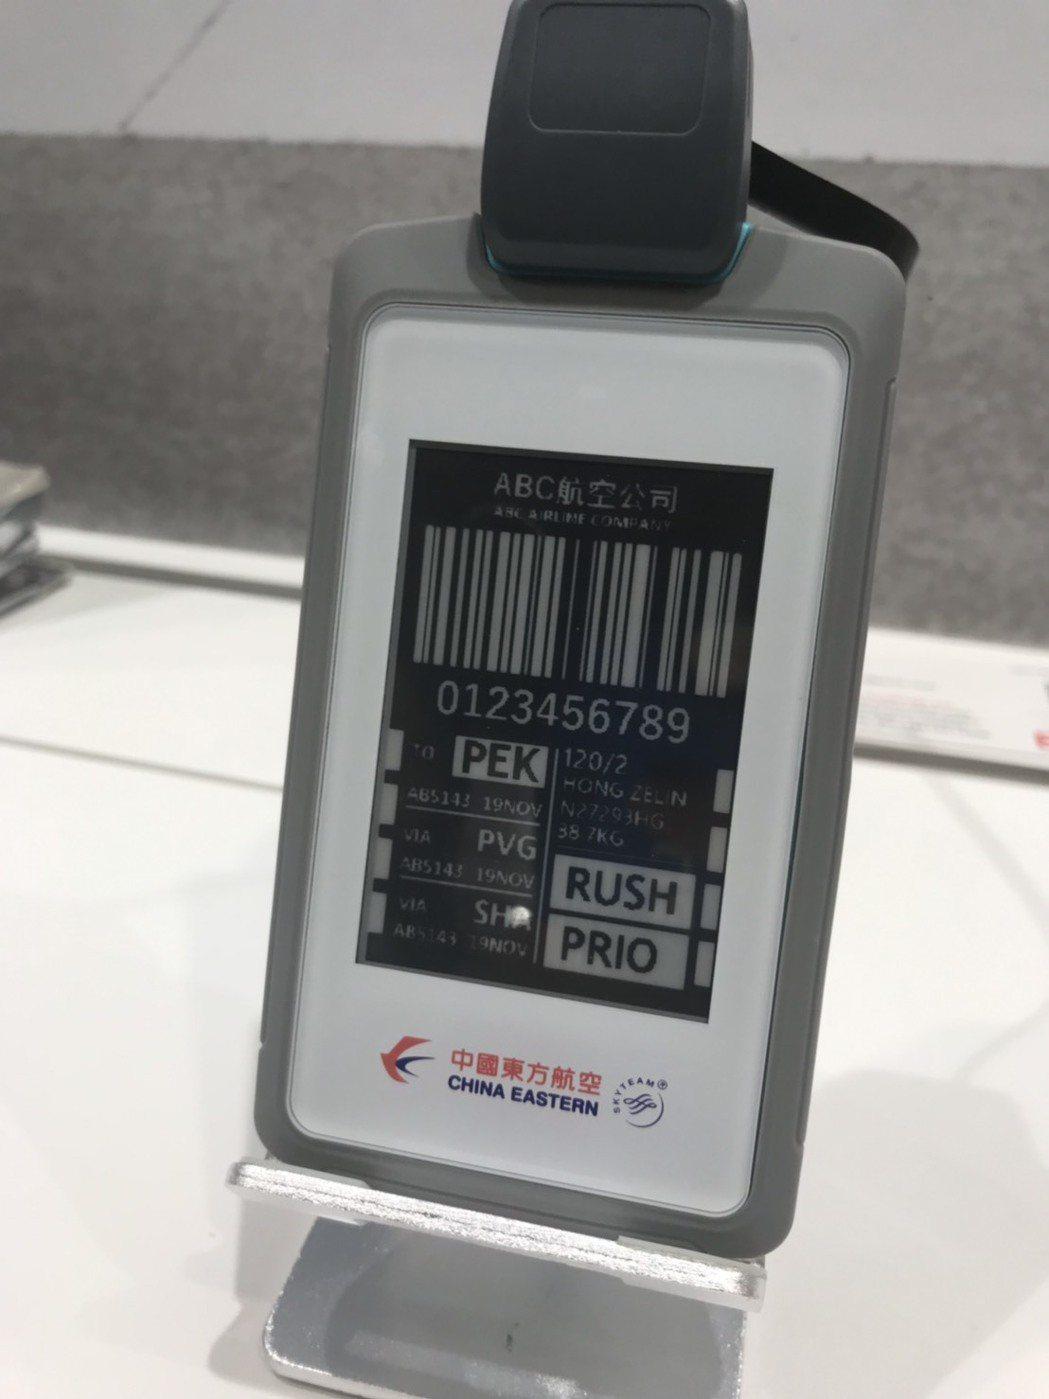 元太電子標籤行李標牌。記者蔡銘仁/攝影